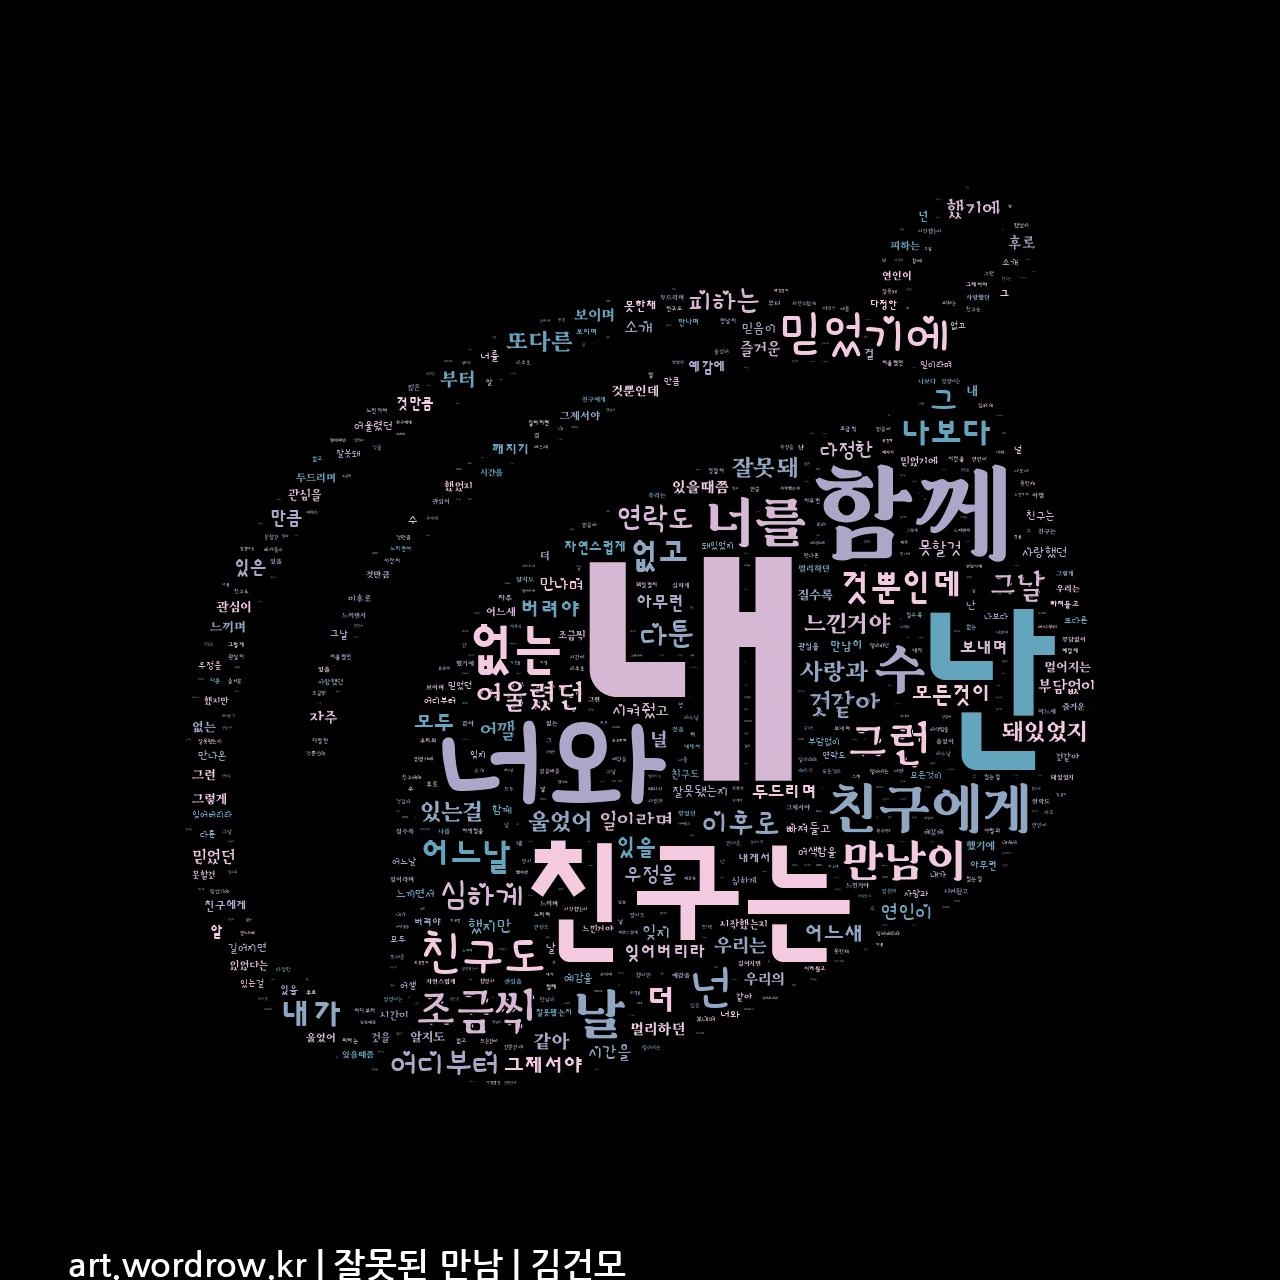 워드 아트: 잘못된 만남 [김건모]-73